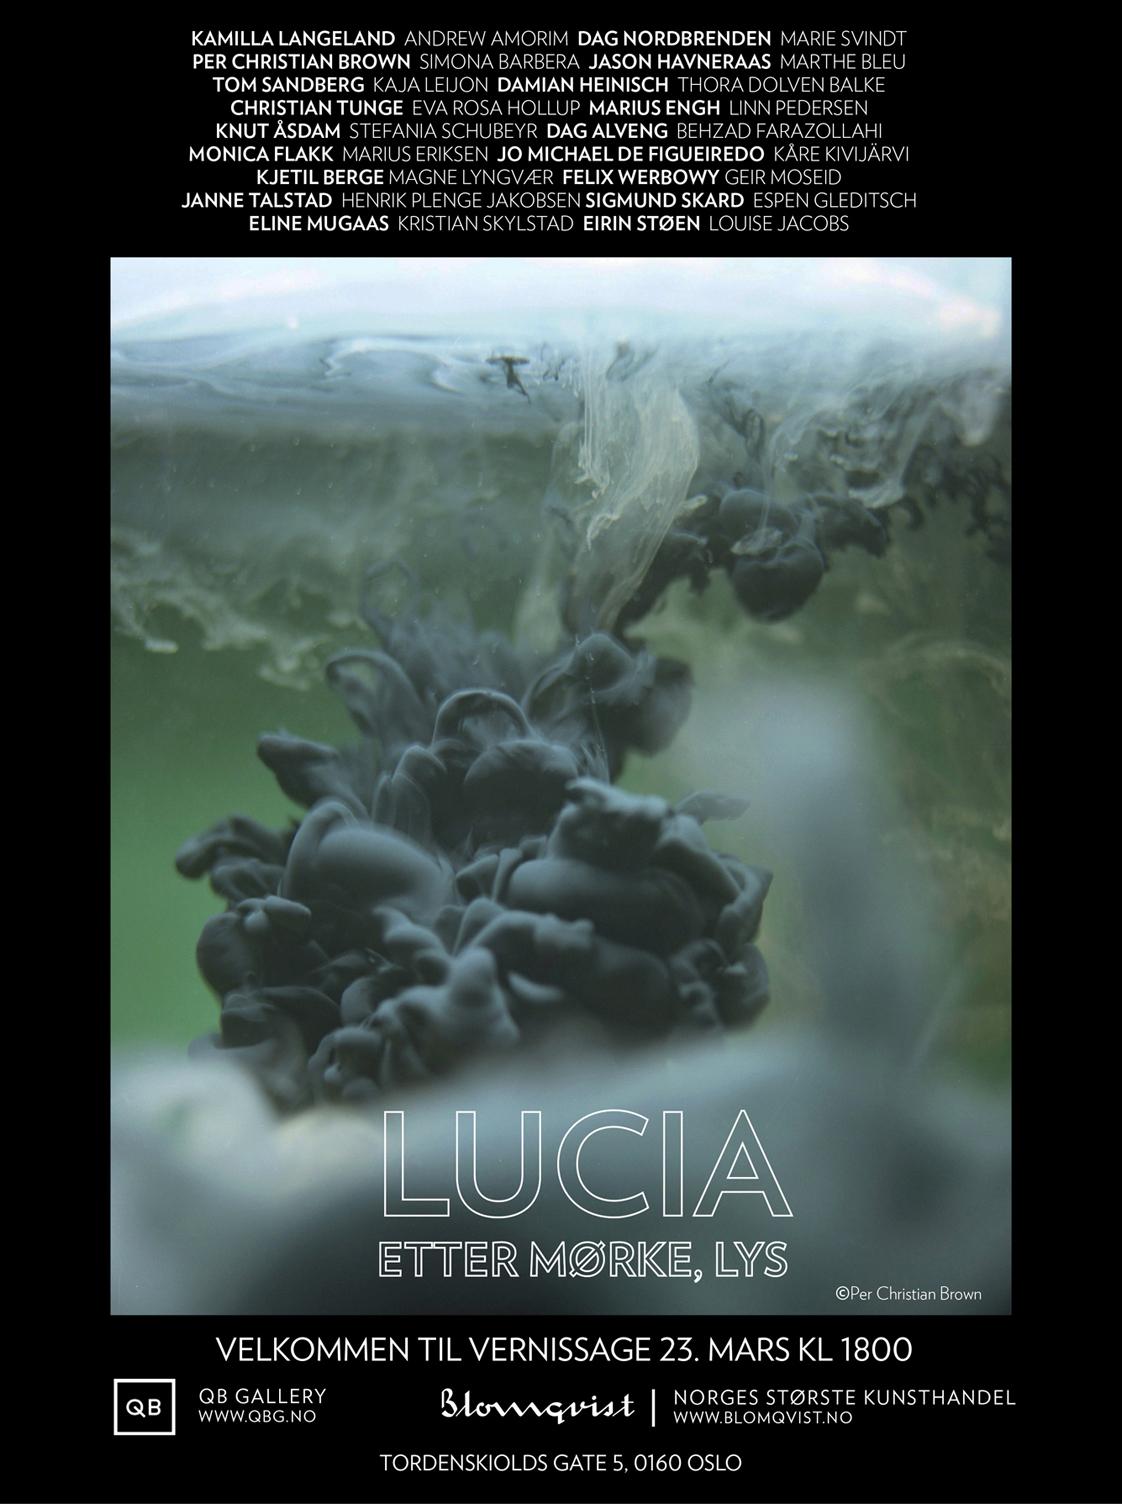 Lucia  utstilling invitasjon.jpg